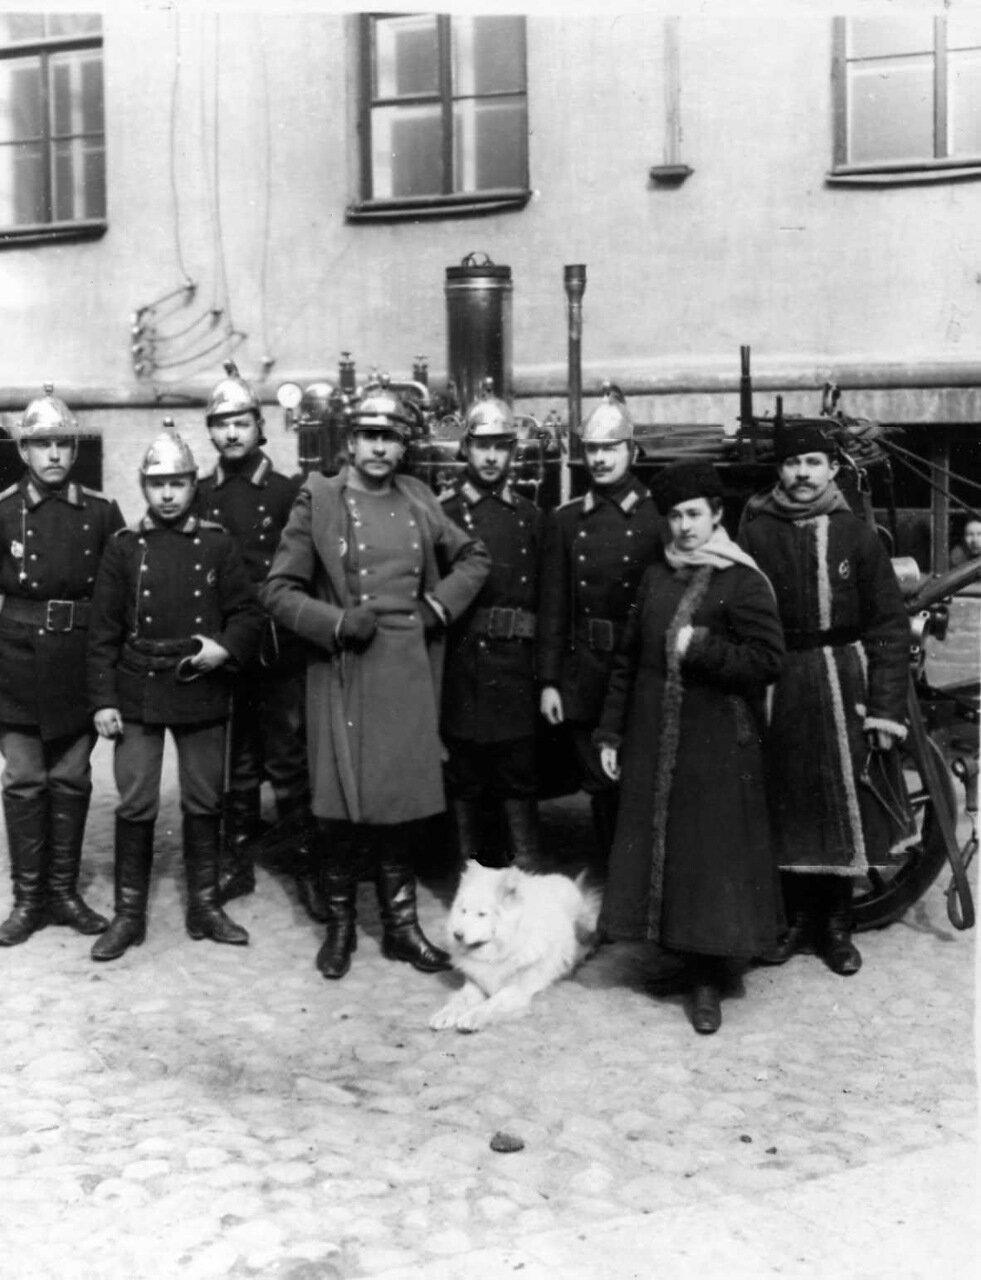 03. Личный состав части у пожарной повозки. В центре стоит брандтмейстер, справа - первая женщина пожарный Ермолова. 1910